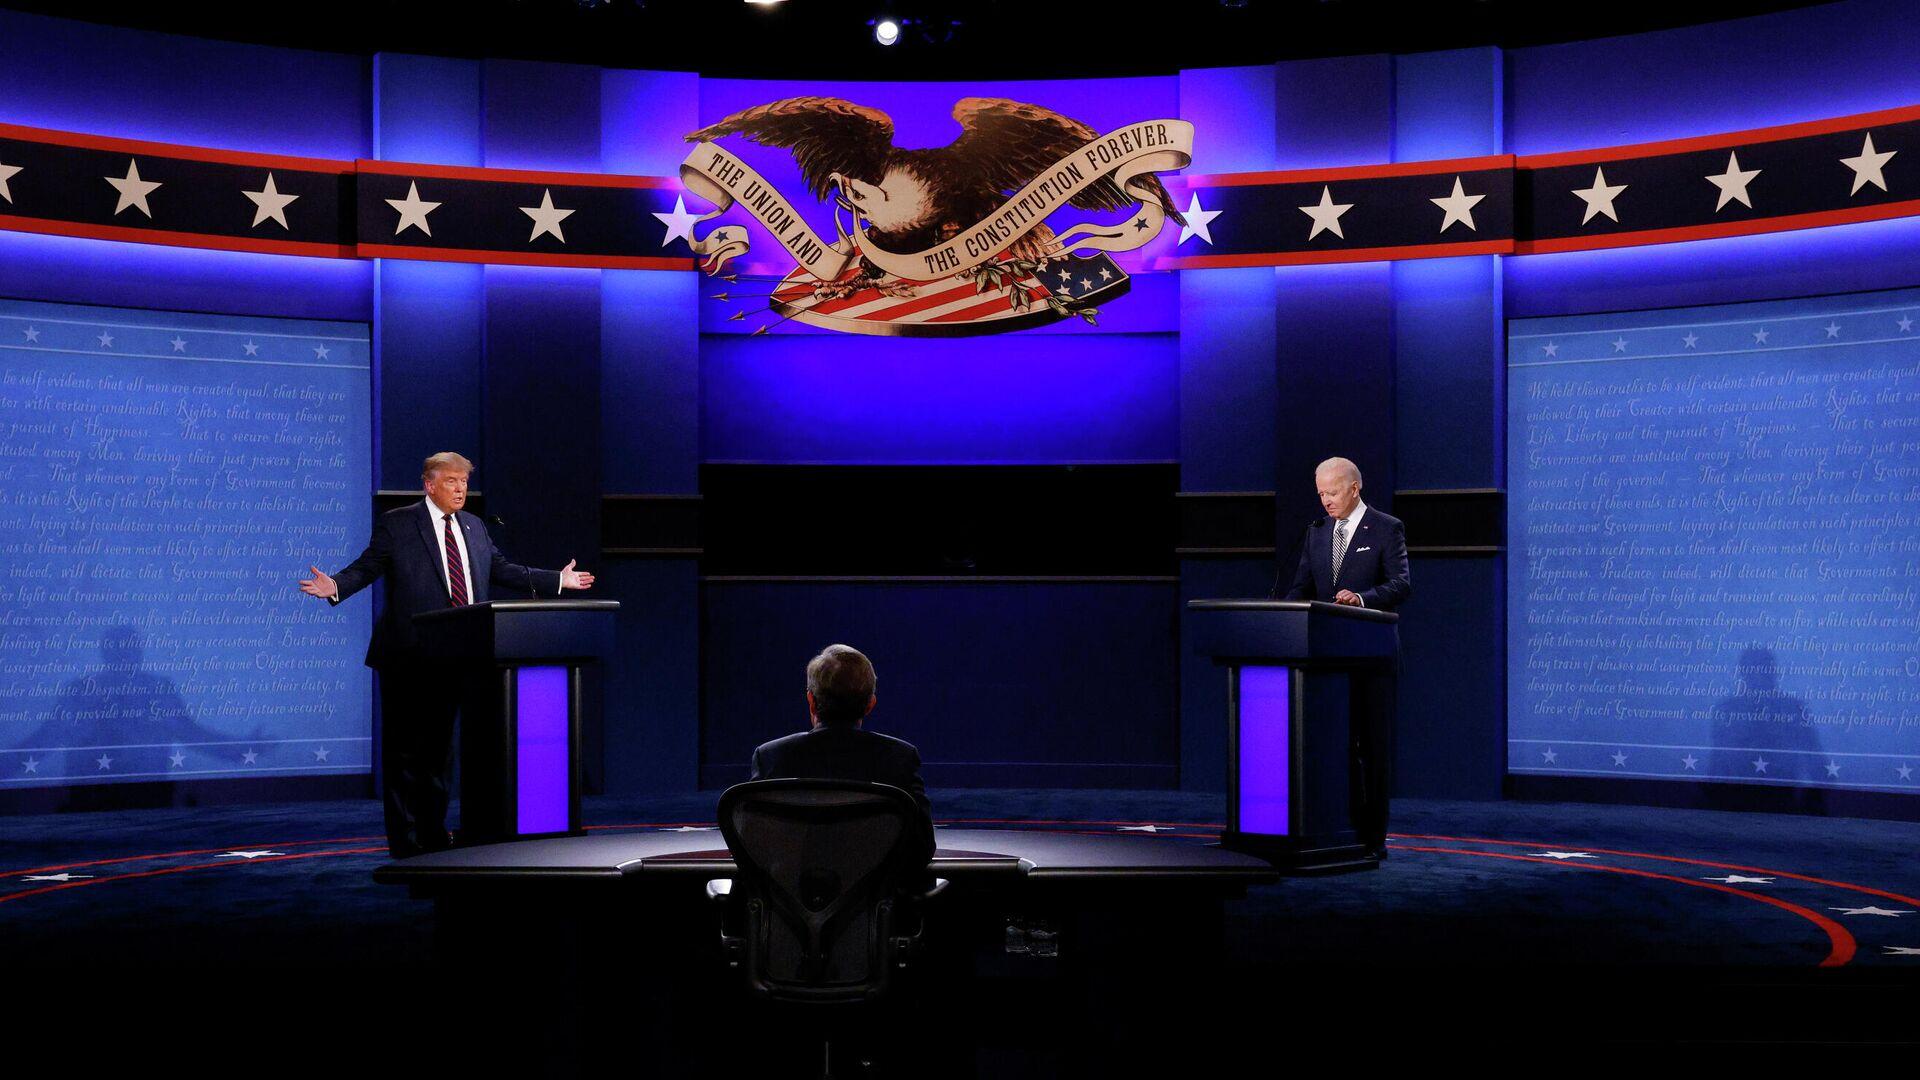 Дебаты Дональда Трампа и Джо Байдена в США - РИА Новости, 1920, 20.10.2020